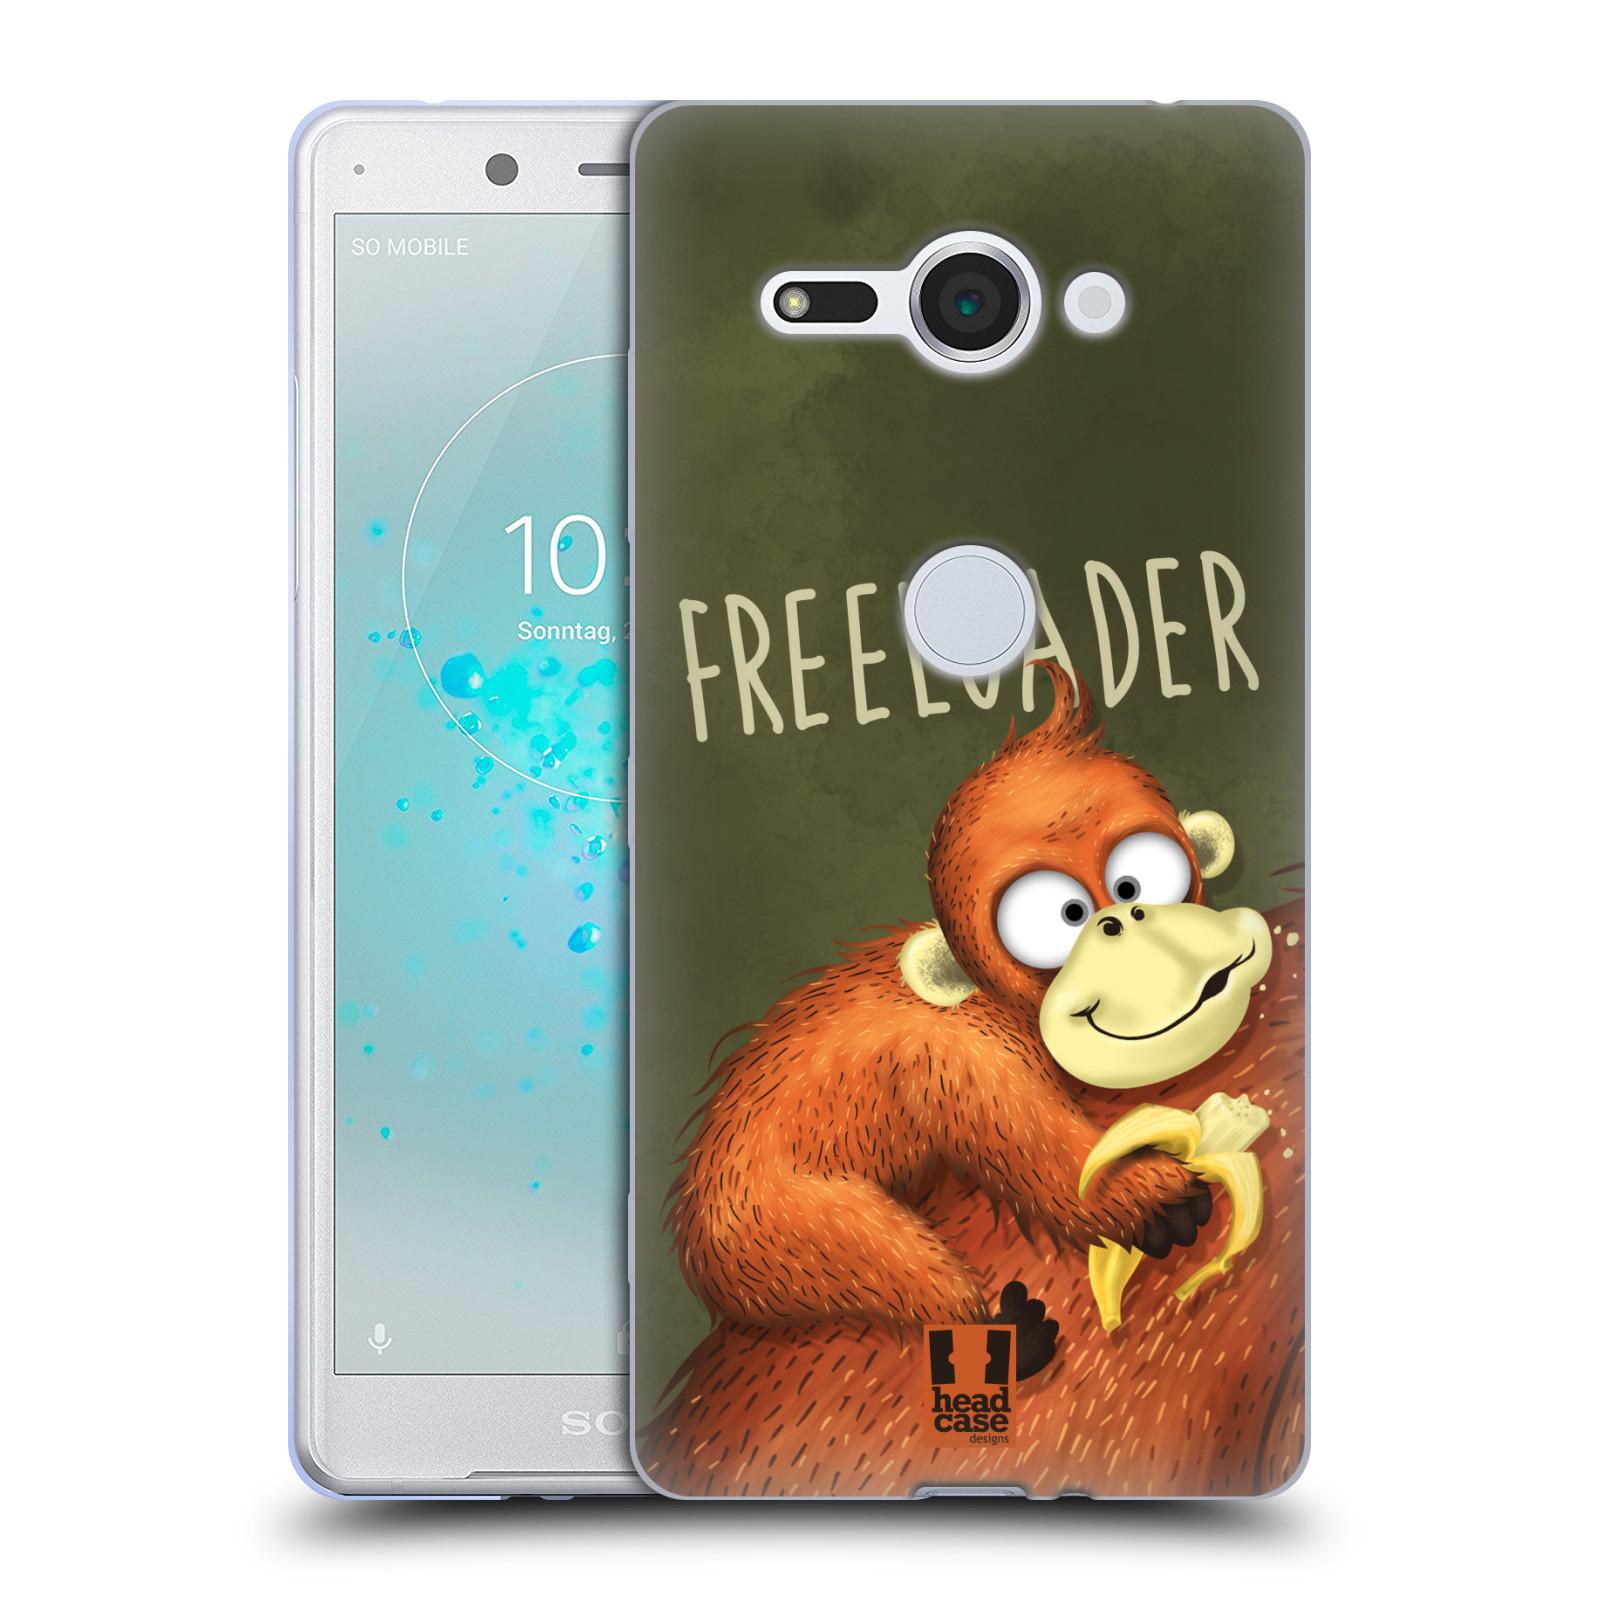 Silikonové pouzdro na mobil Sony Xperia XZ2 Compact - Head Case - Opičák Freeloader